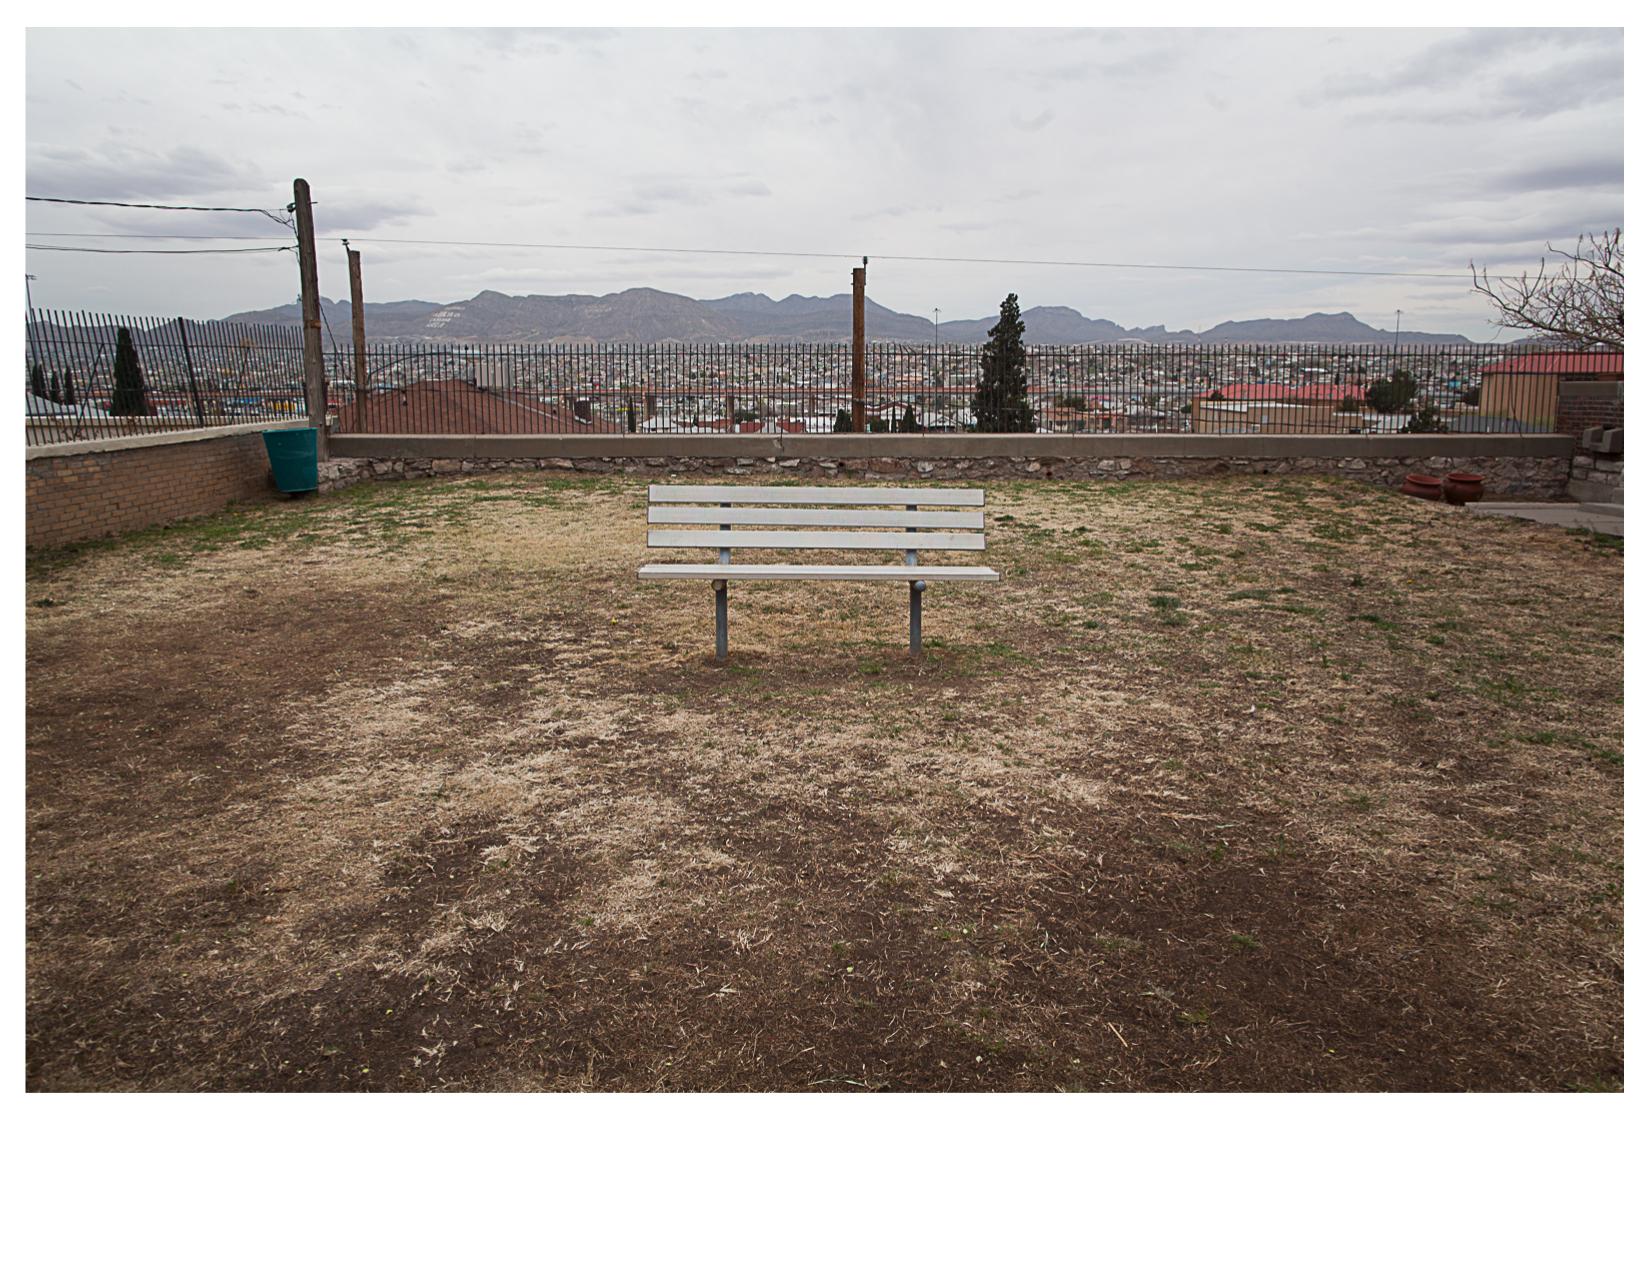 Caruso Park (Overlooking Ciudad Juarez, Mexico), El Paso, TX